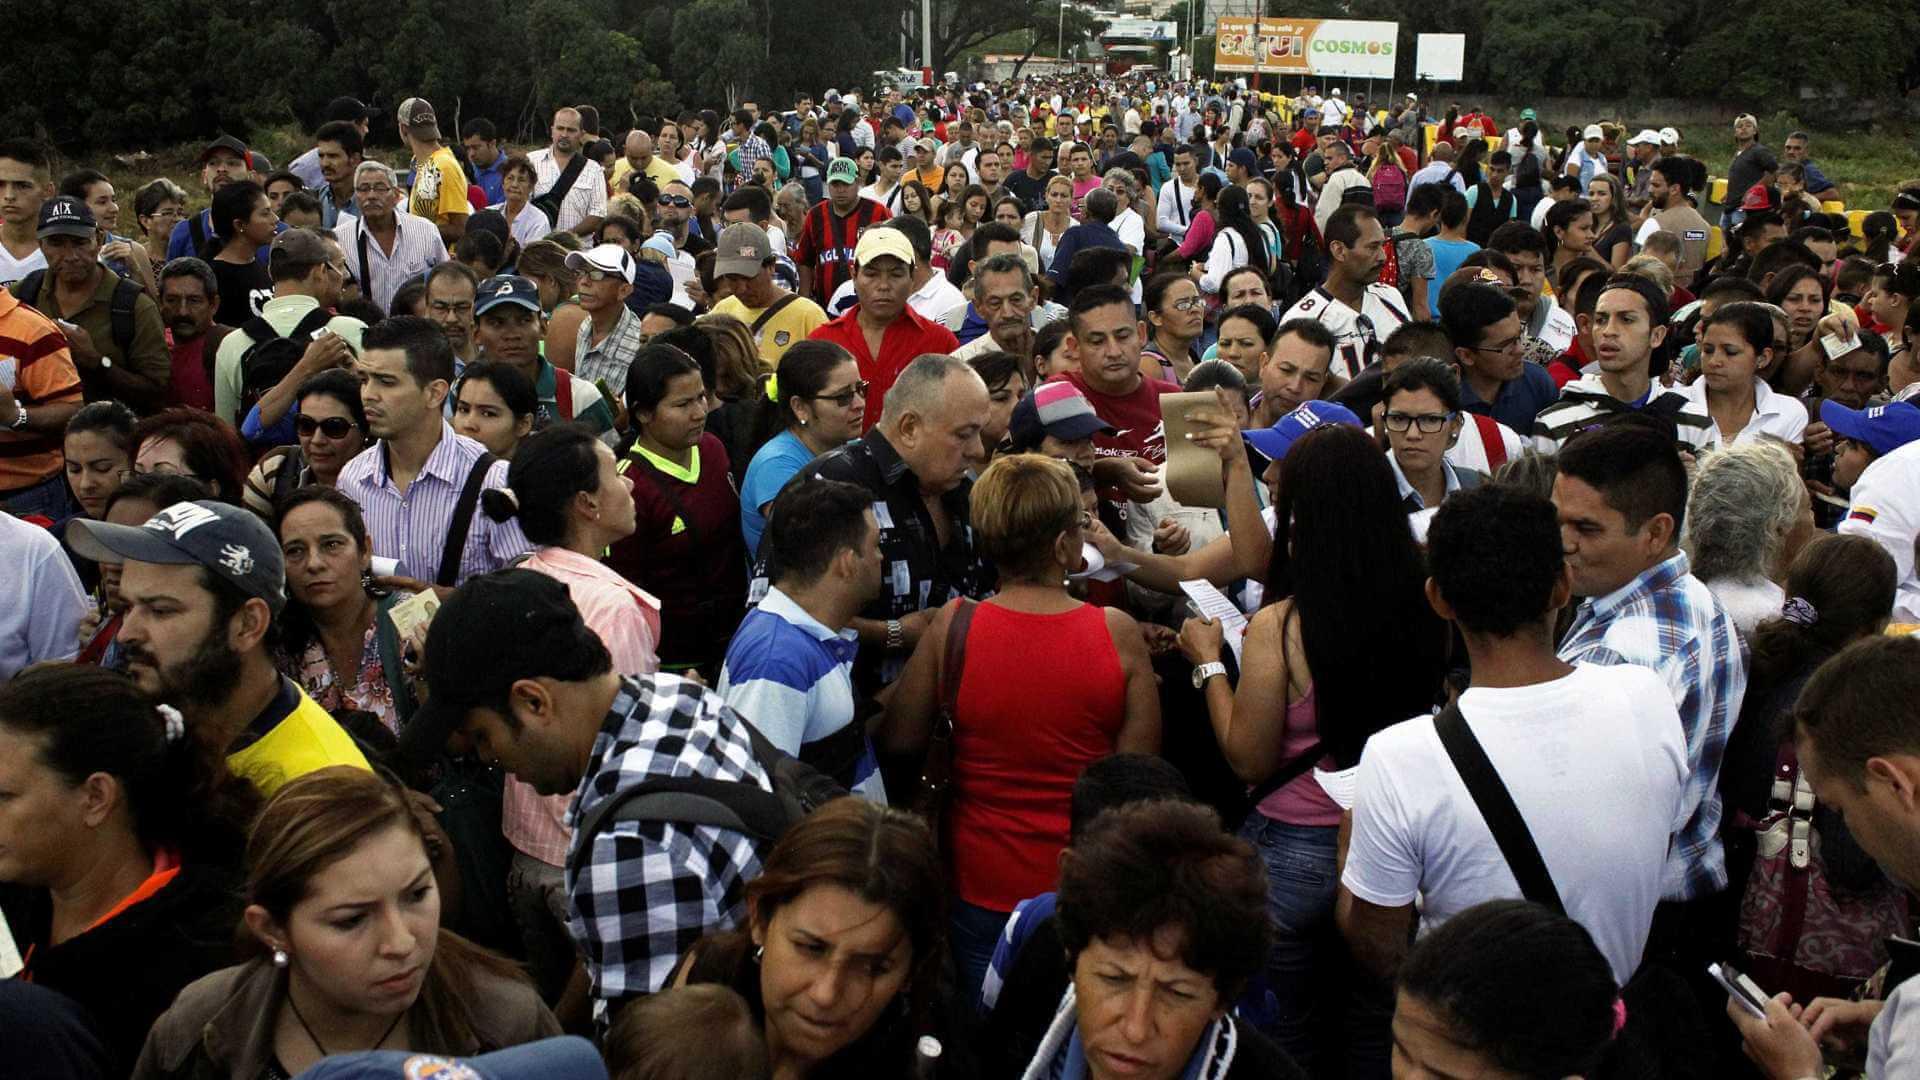 Foto: jornalcorreiodegoias.com